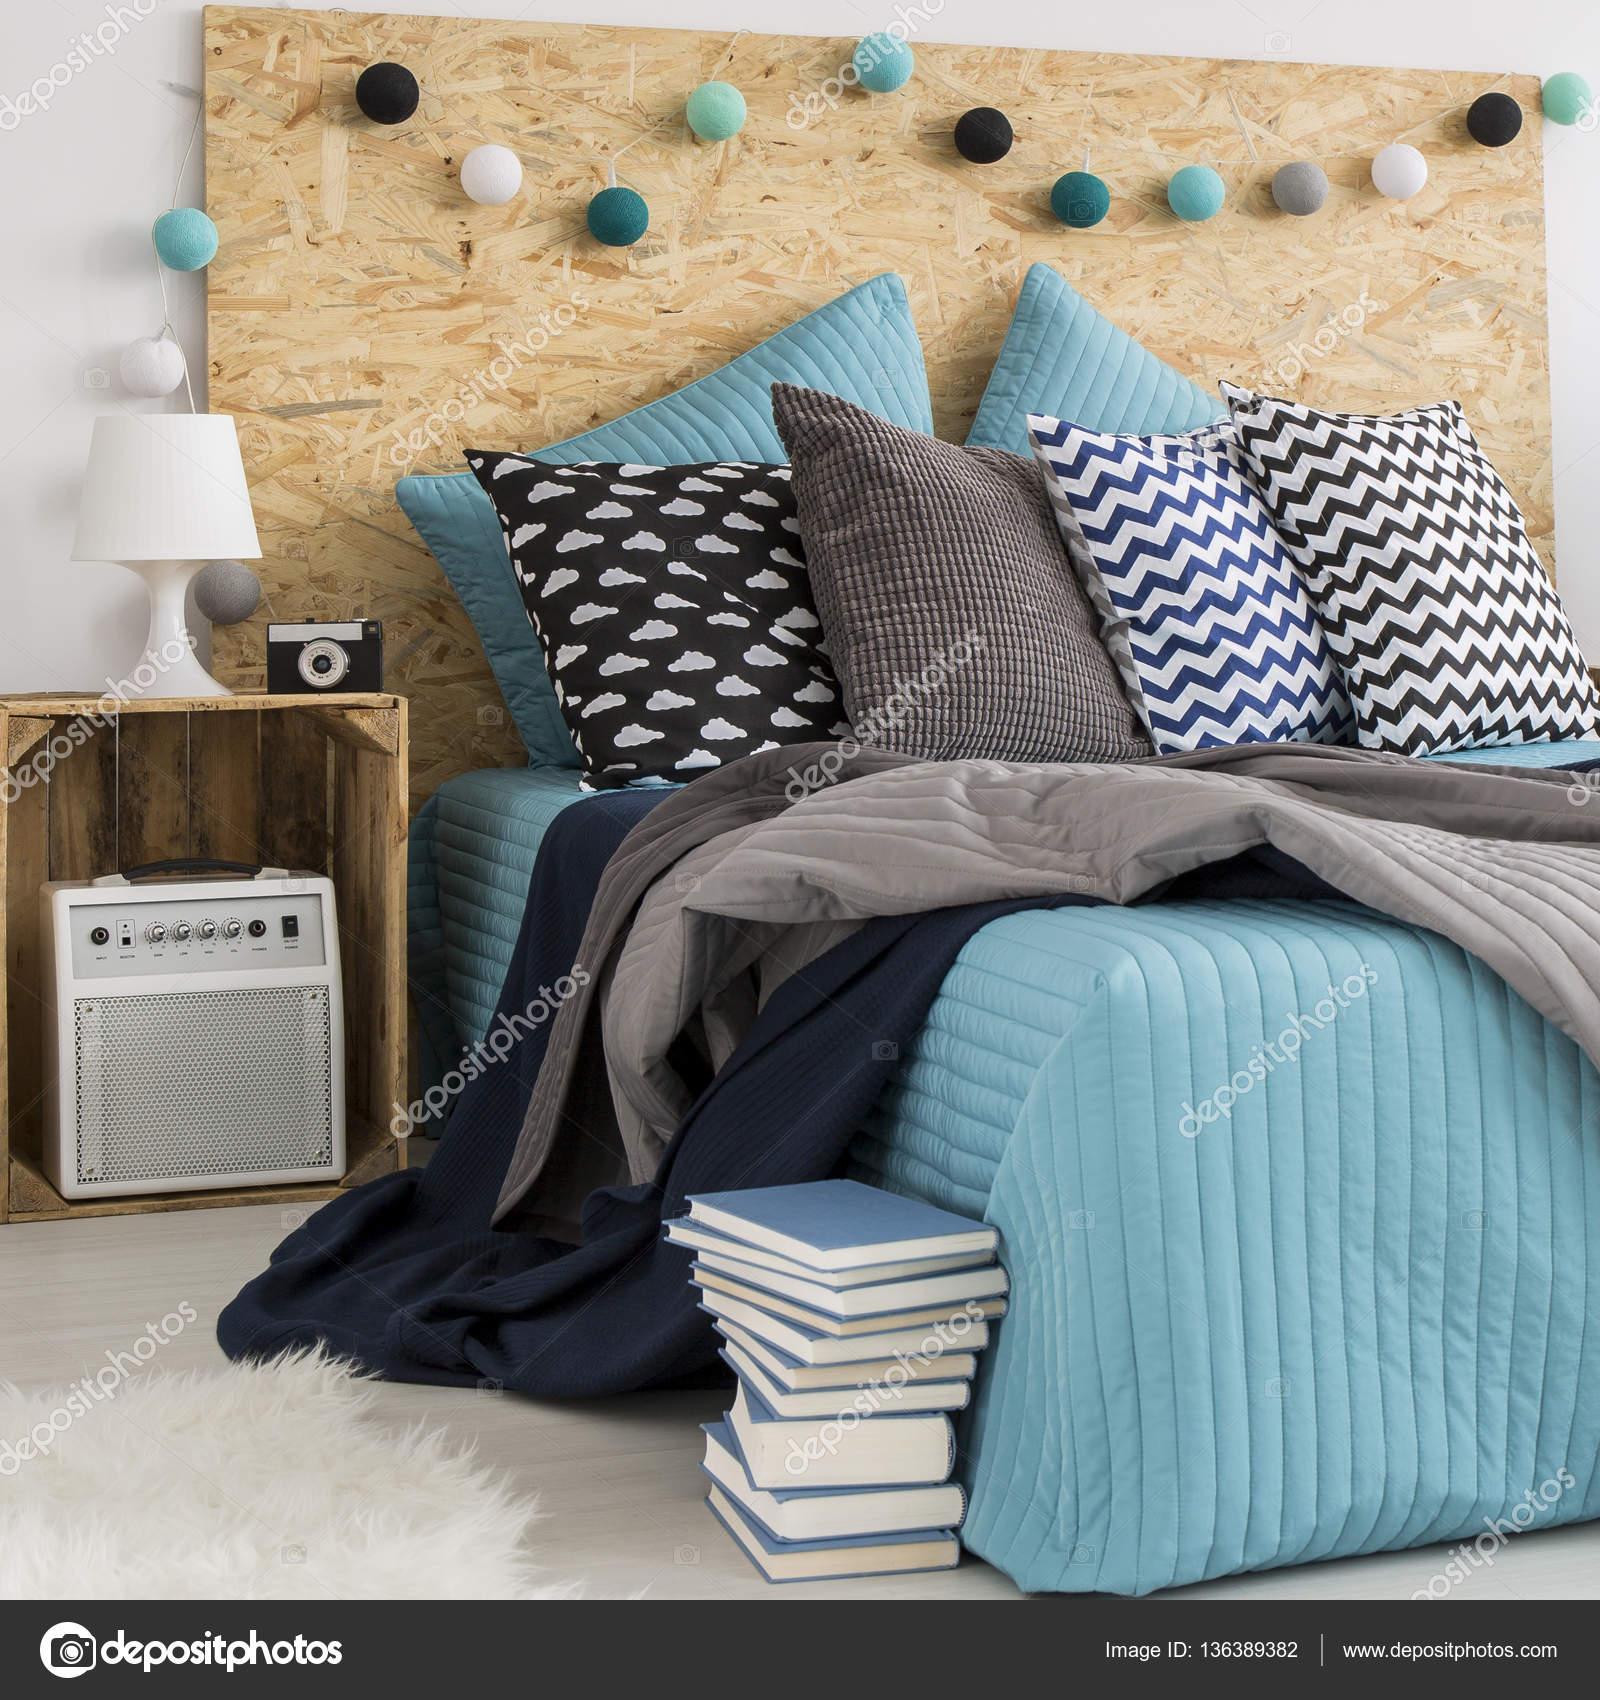 Duże łóżko Z Poduszki Dekoracyjne Zdjęcie Stockowe